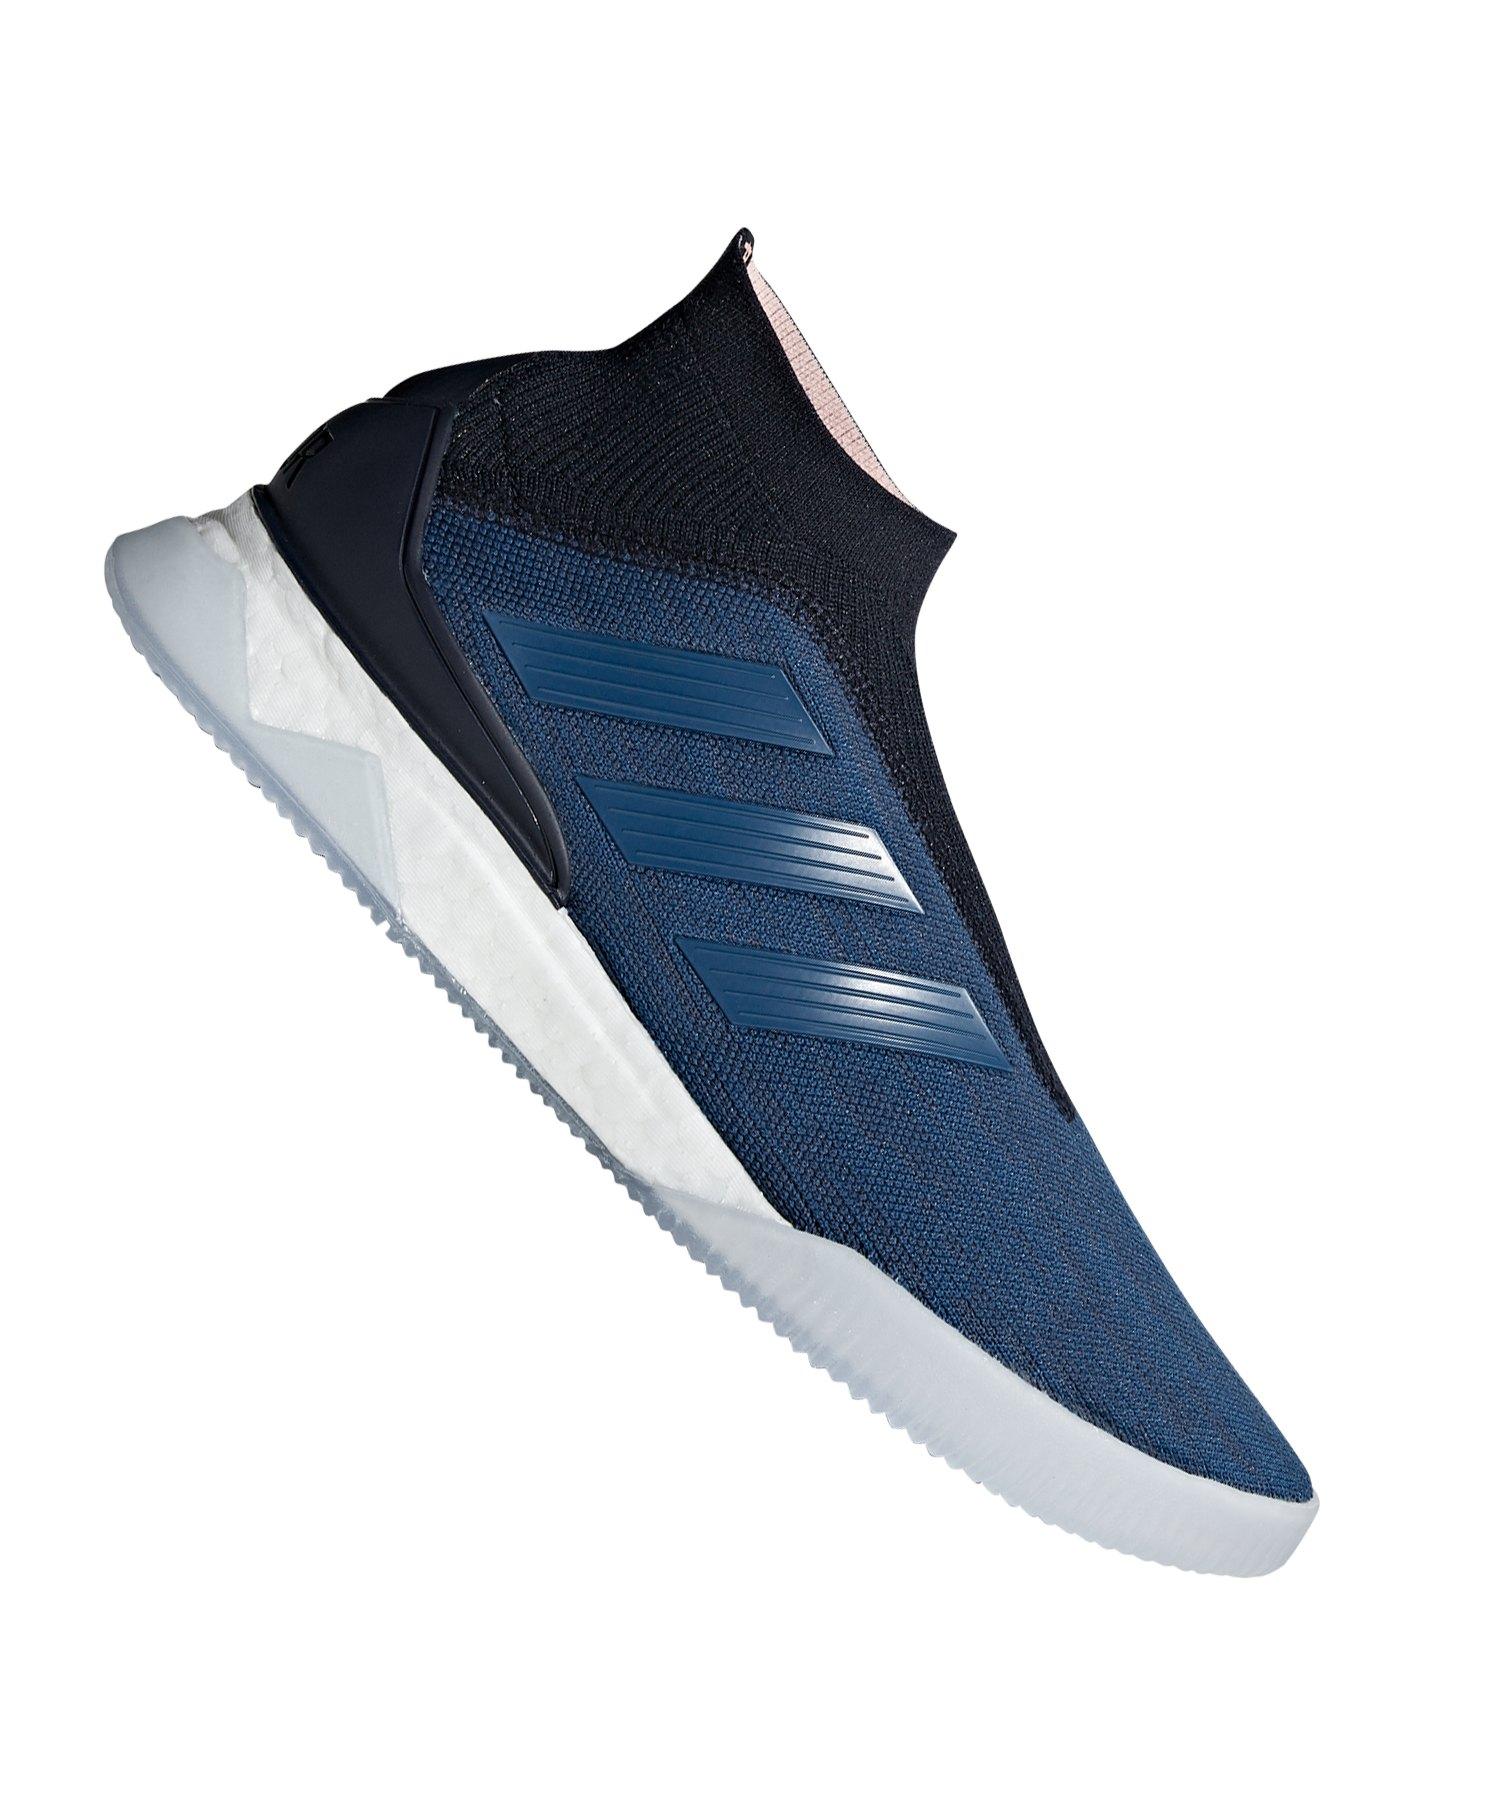 adidas Predator Tango 18+ TR Blau